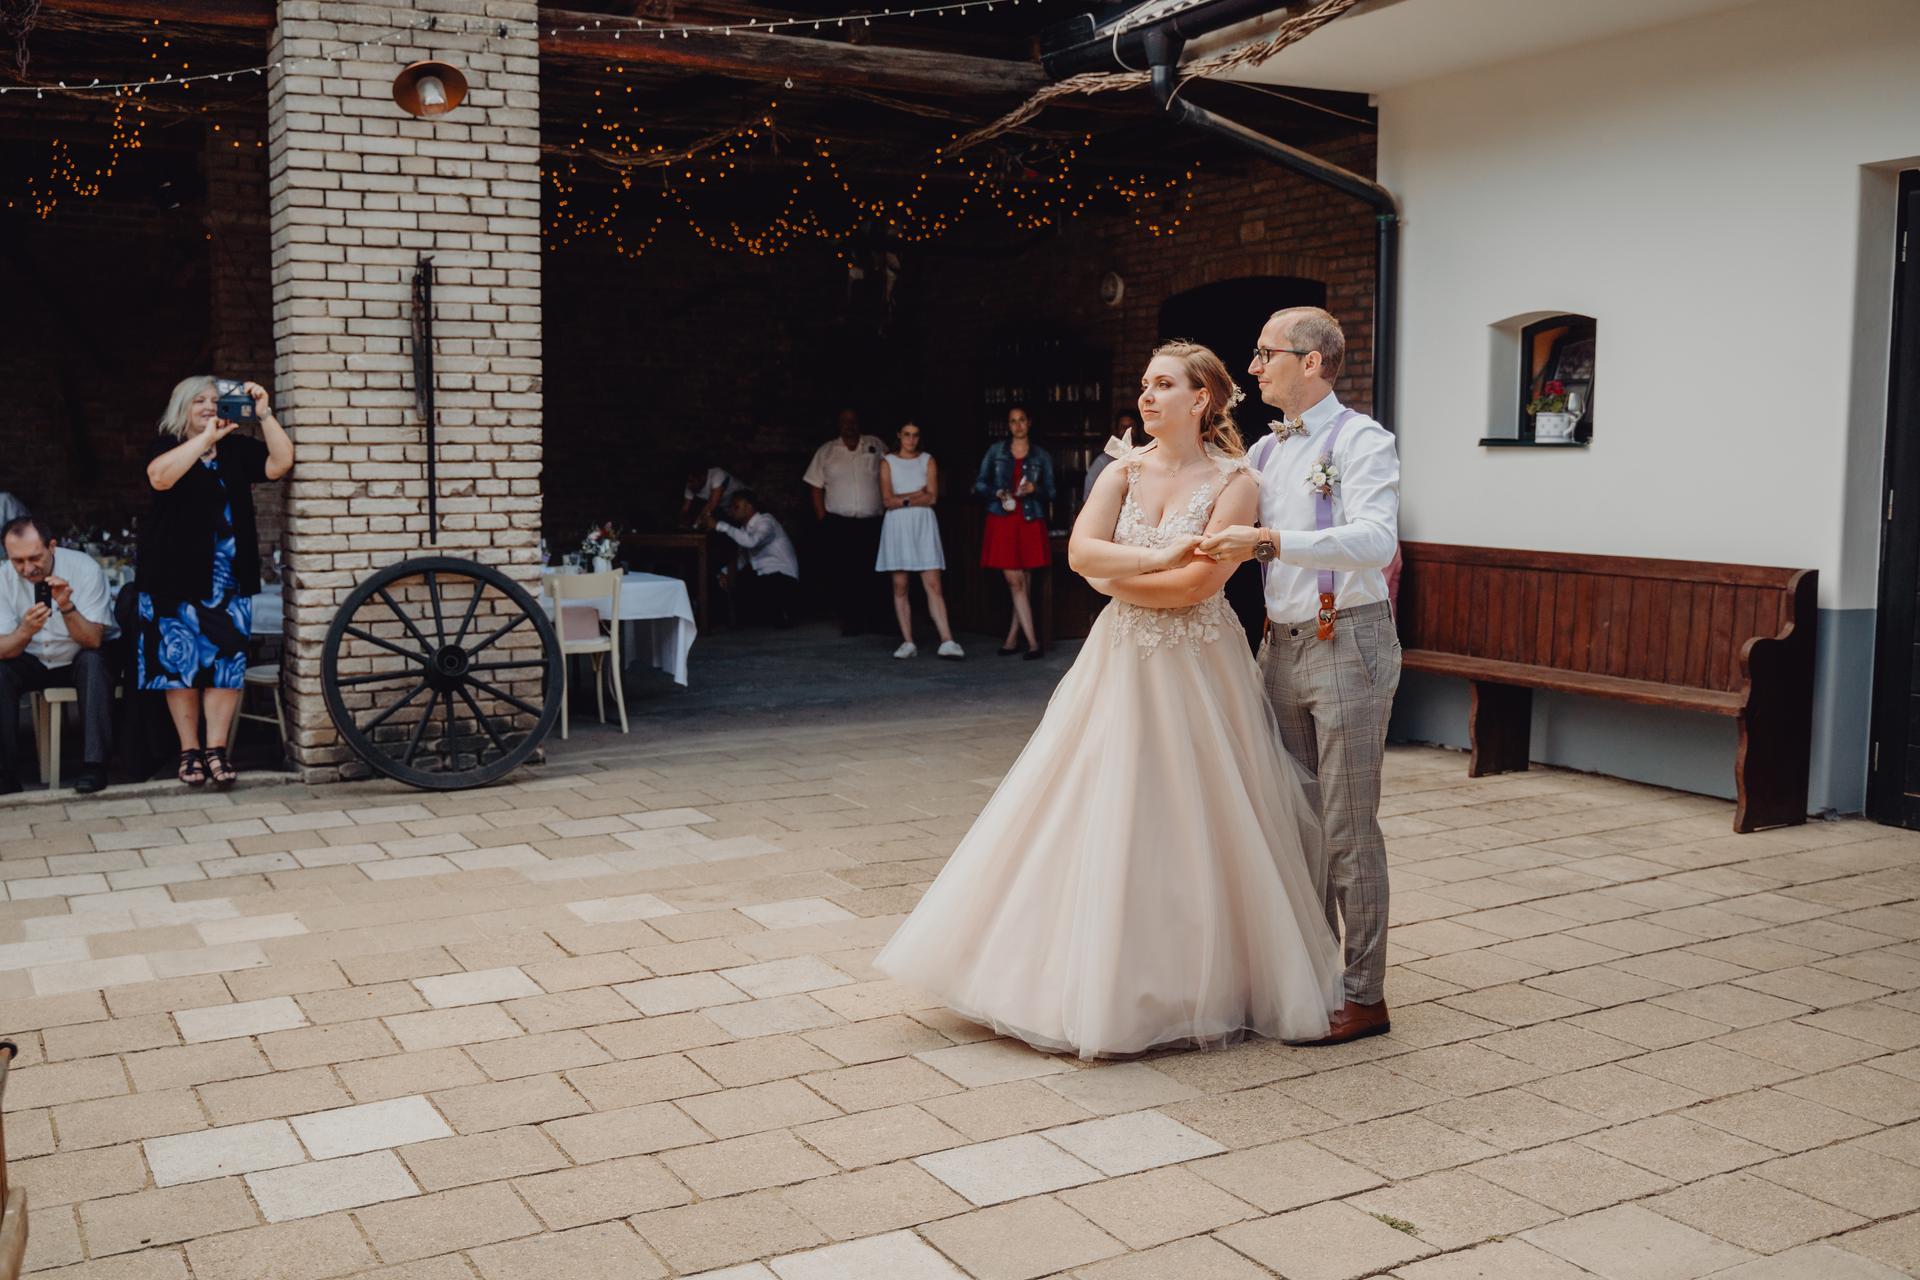 Petra {{_AND_}} Petr - Chodili jsme na soukromé lekce tance, takže jsme měli vlastní choreografii.